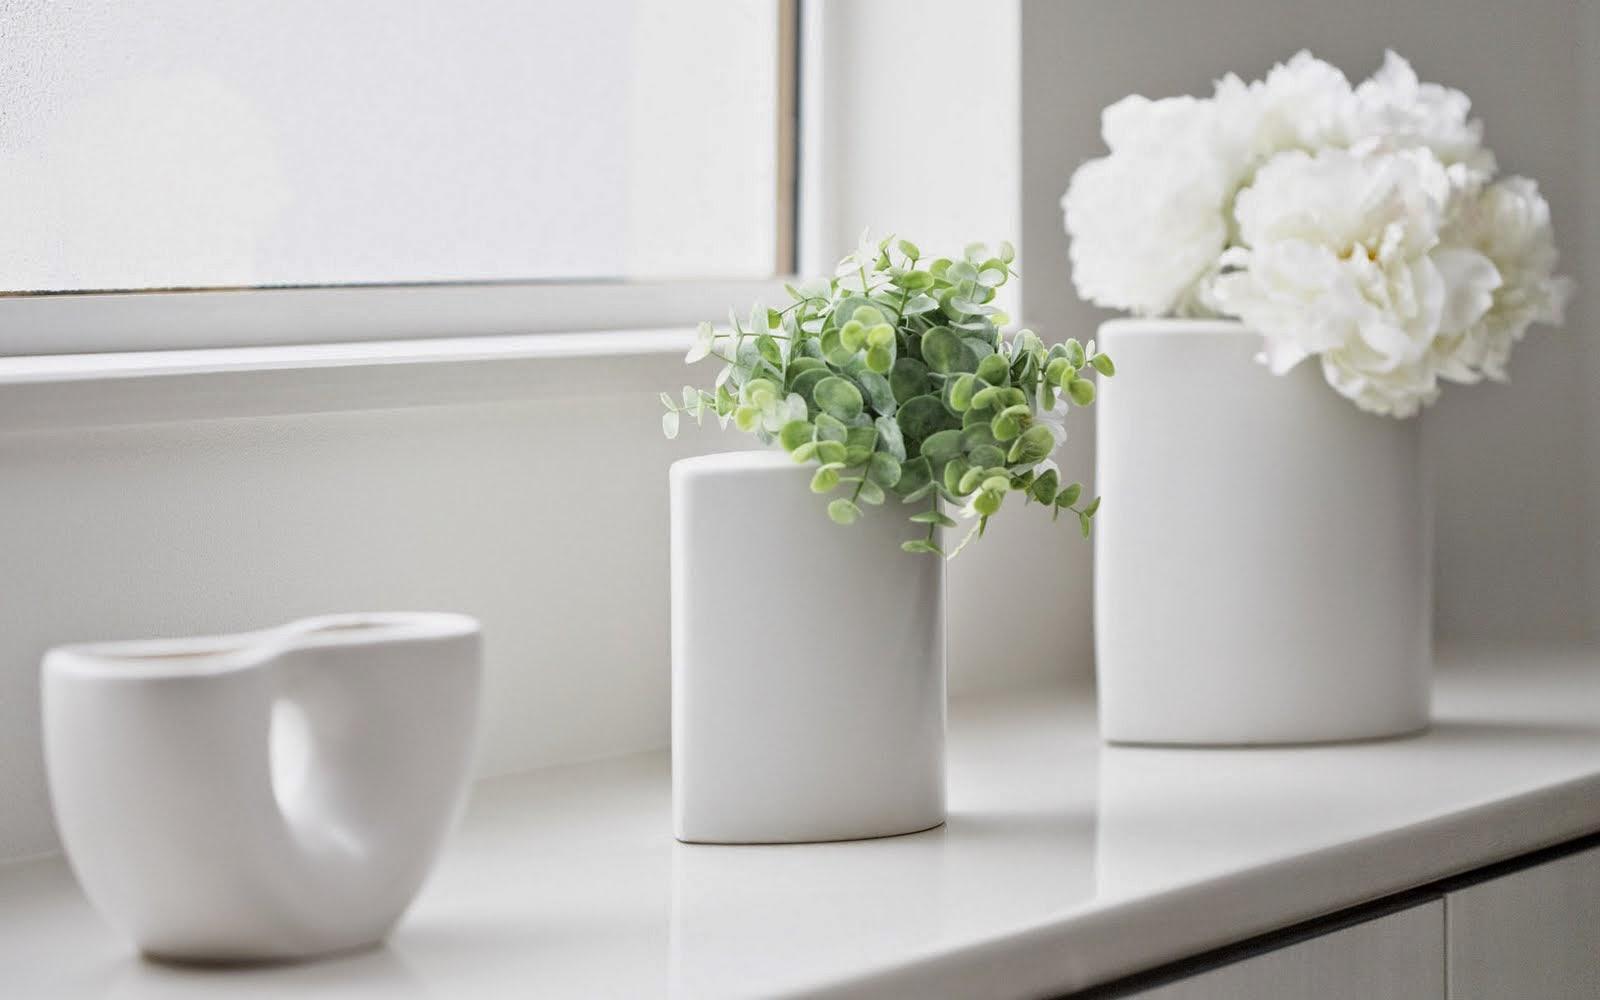 Bienvenida primavera ideas para decorar con flores - Decoracion con flores artificiales ...